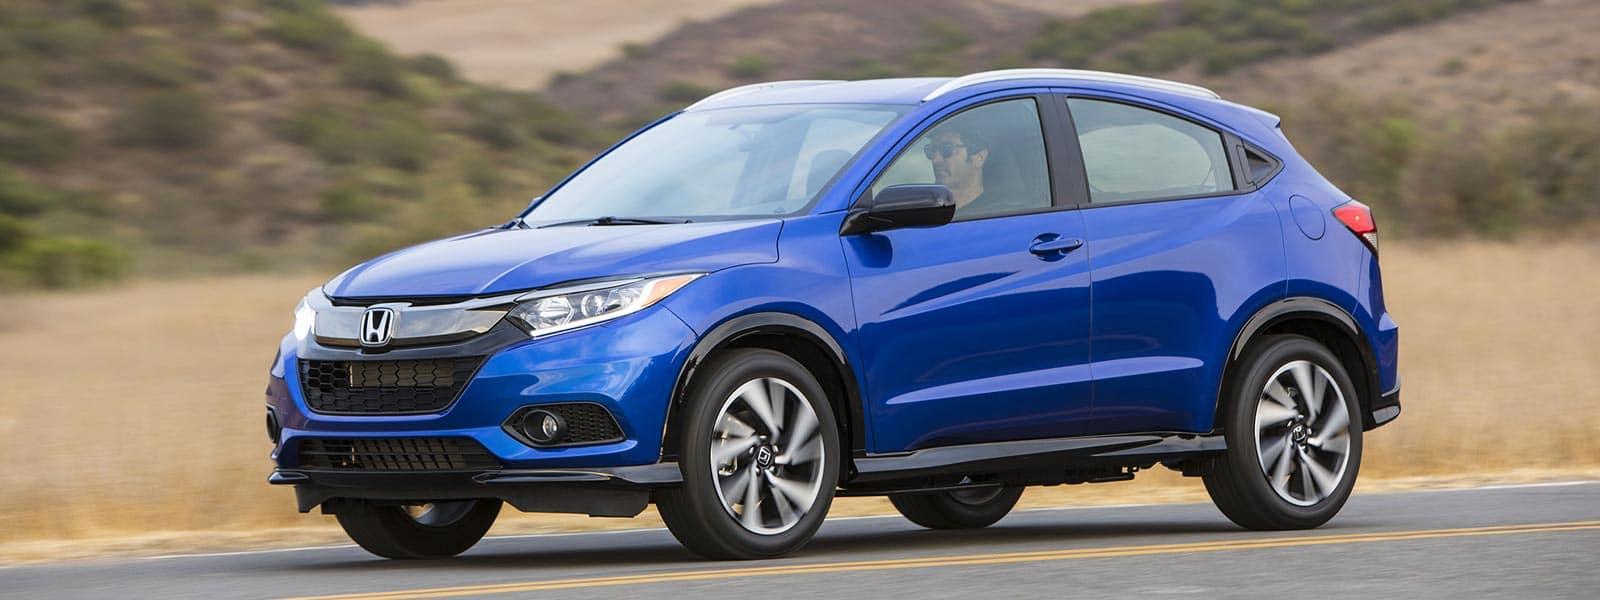 Buy new 2021 Honda HR-V in Martinsville Virginia